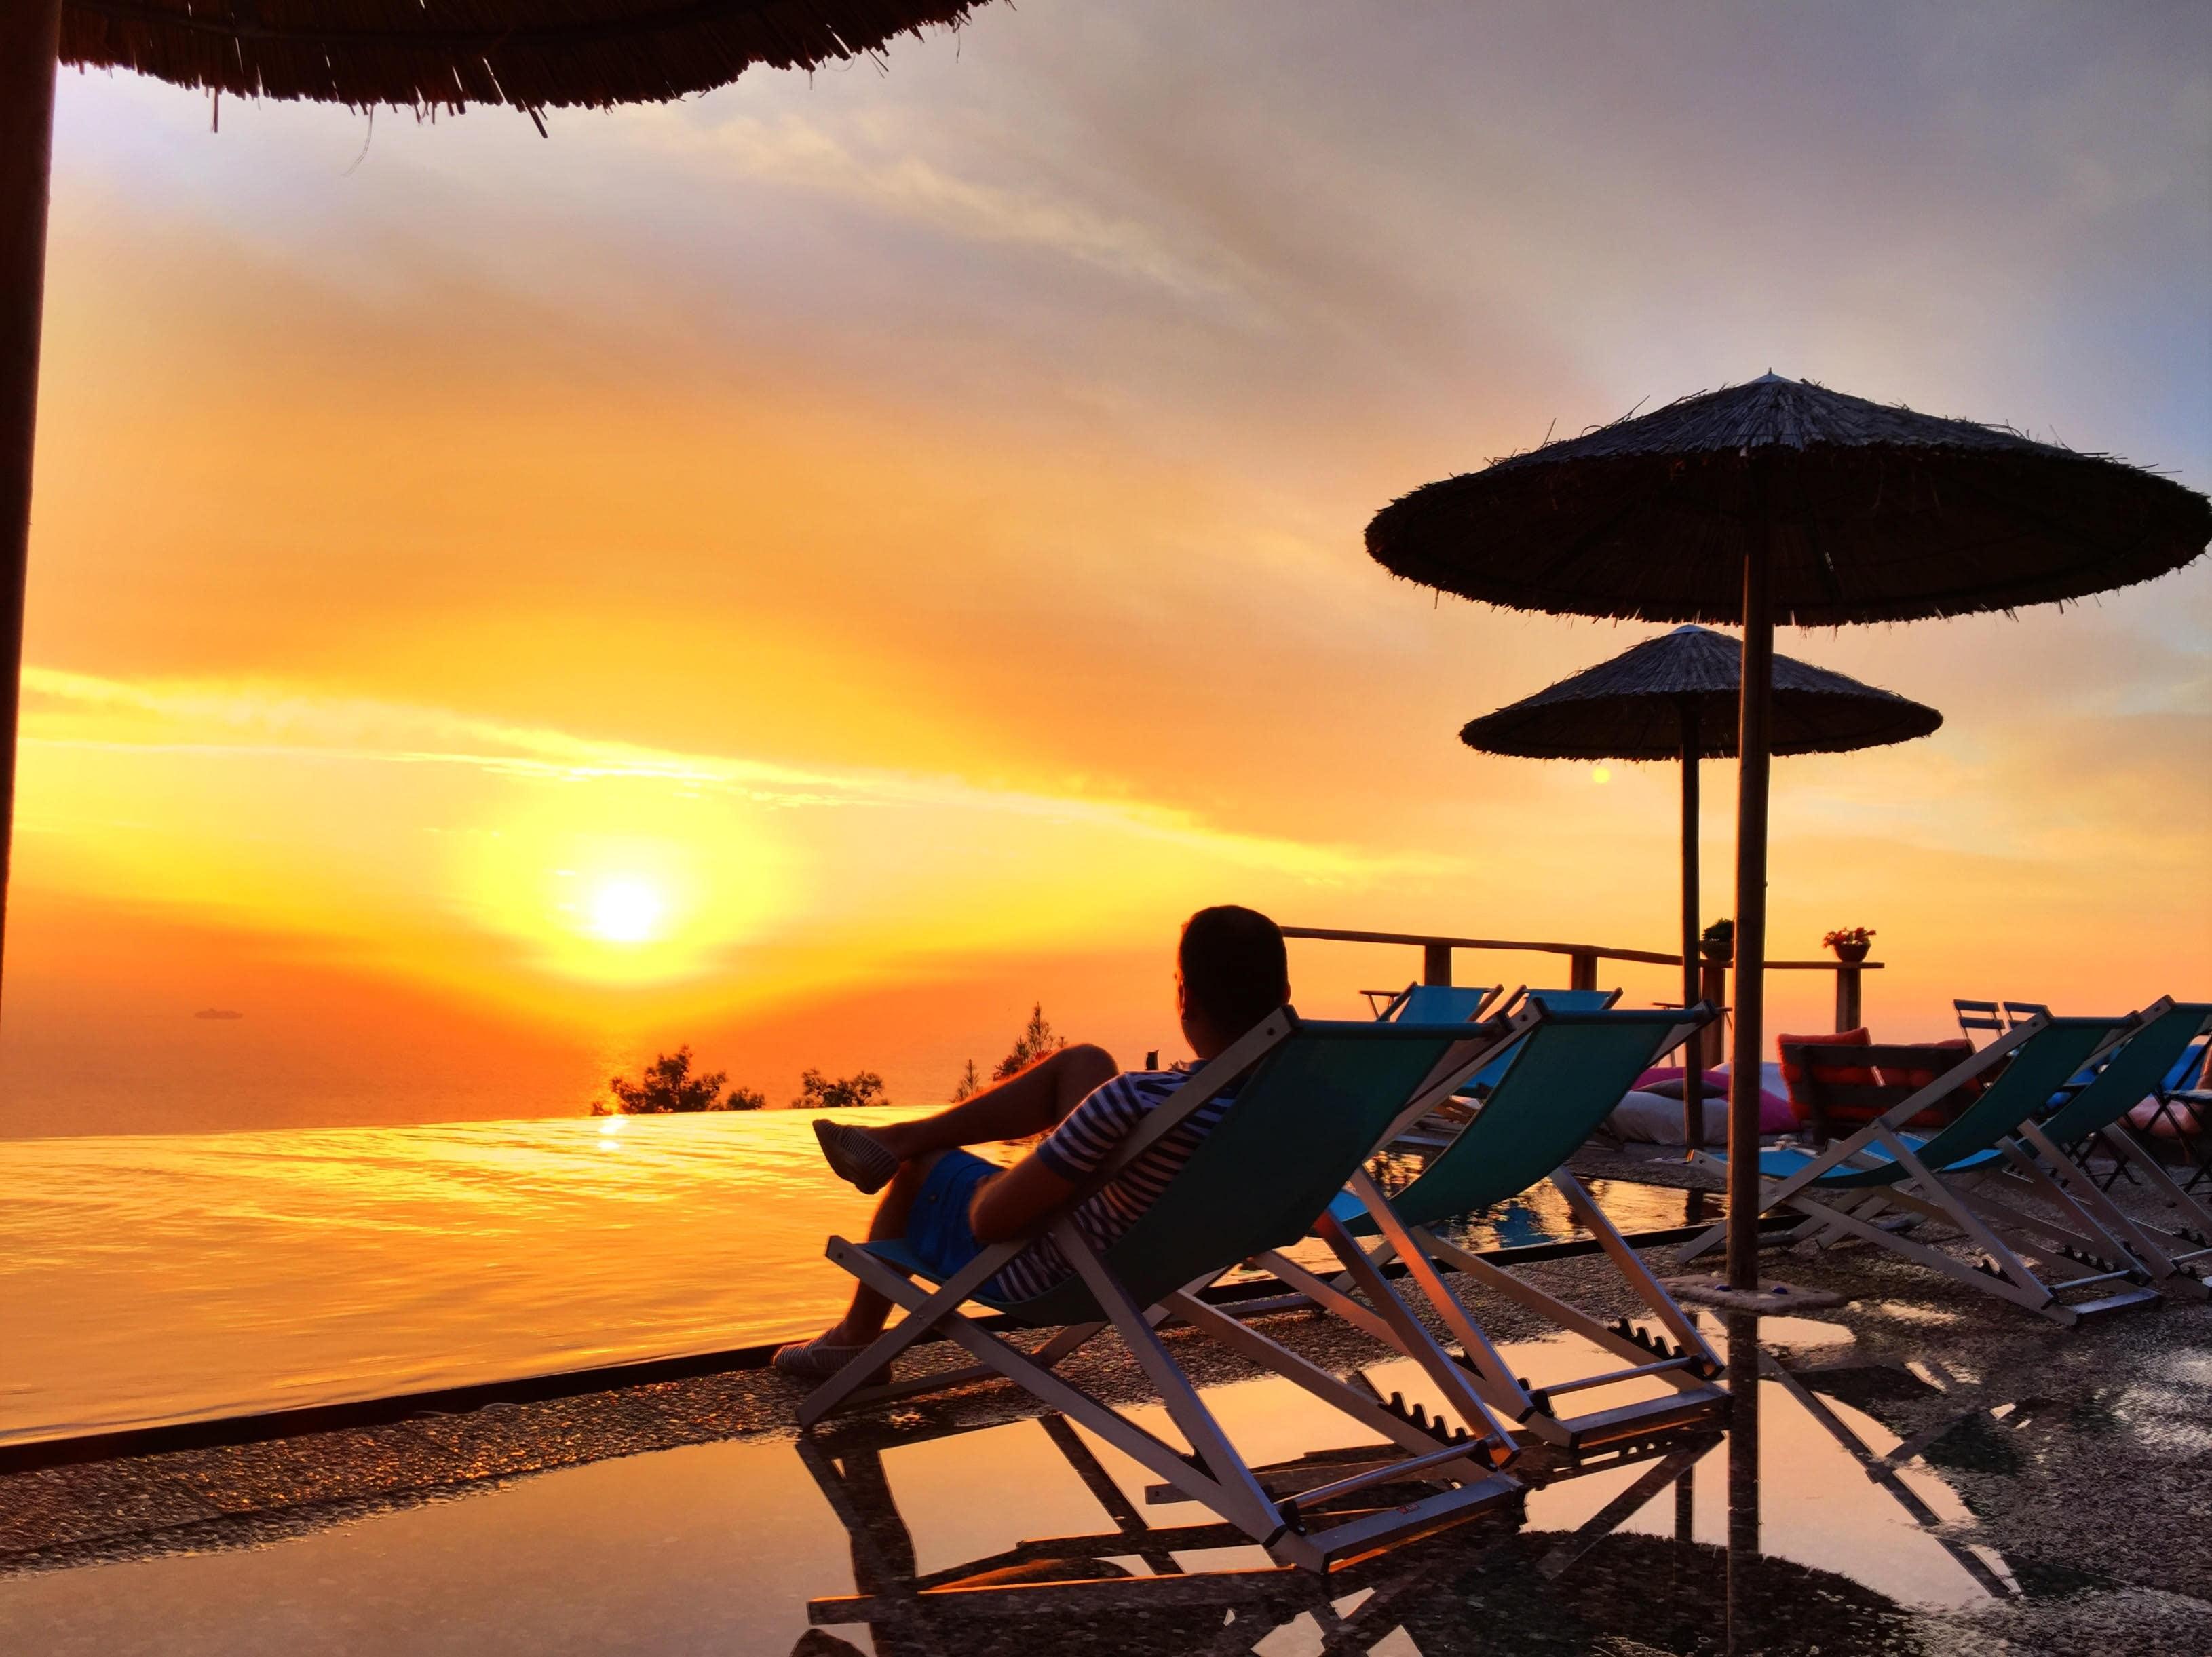 מלון בוטיק סרניטי לפקדה - יוון